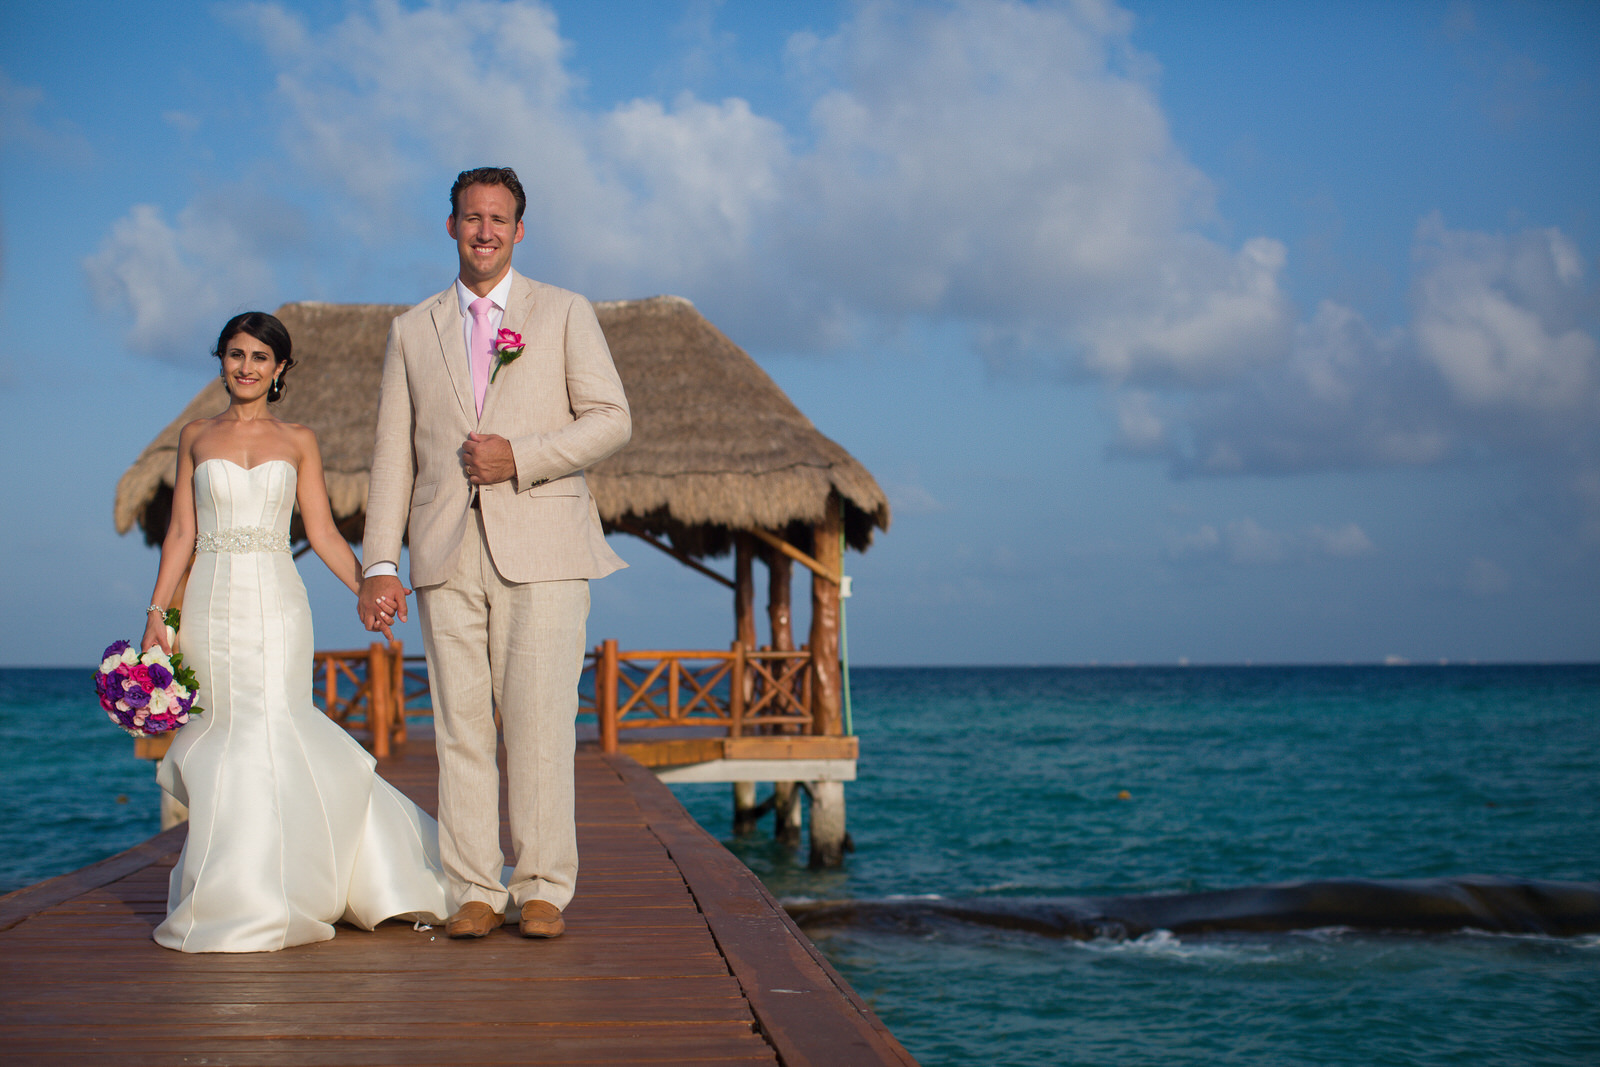 bride_and_groom_portraits_ocean_tropical.jpg